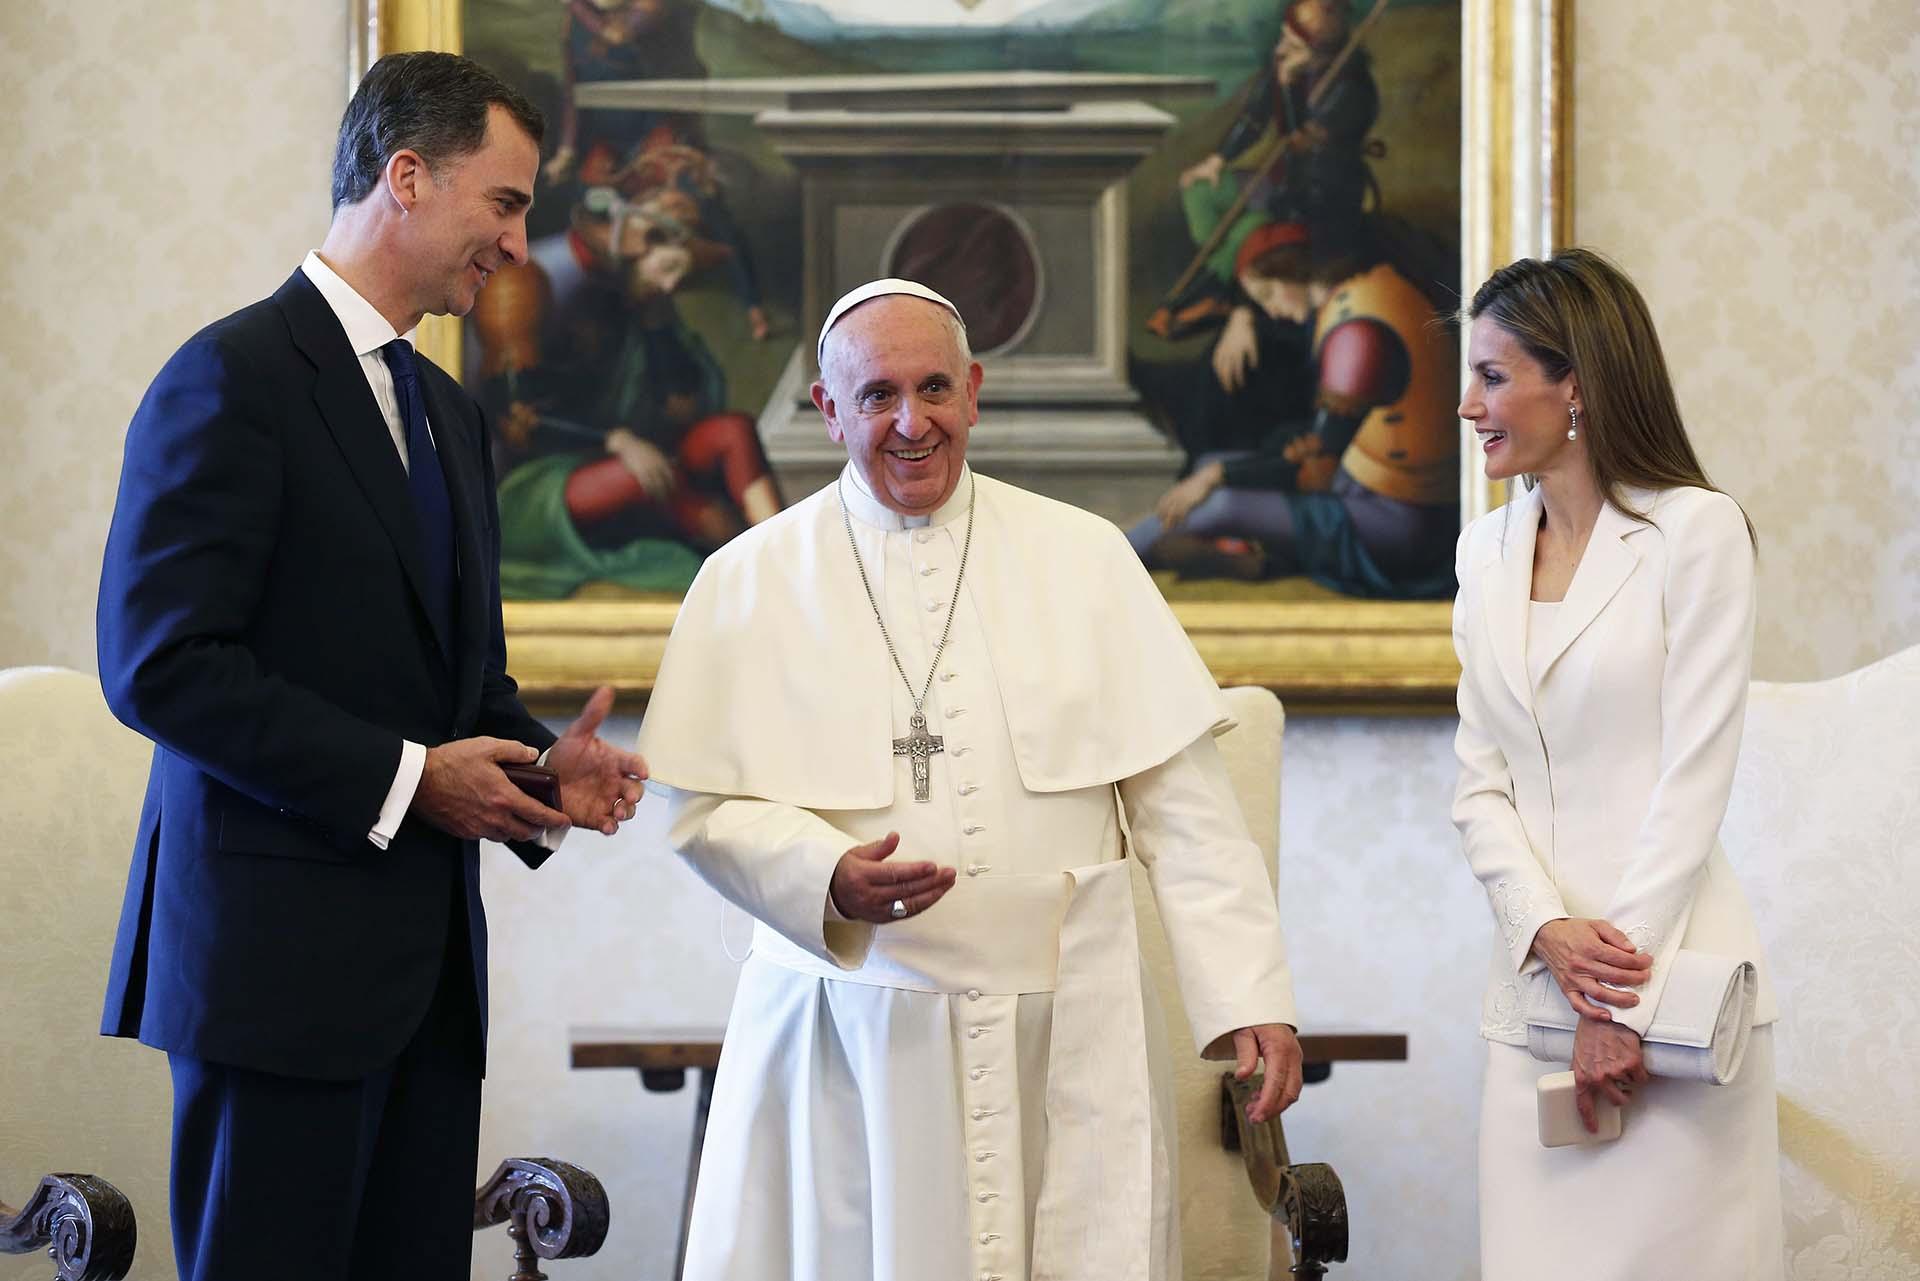 A partir de la coronación de Felipe IV las obligaciones protocolares se volvieron cada vez más frecuentes. La pareja viajó a diversos destinos en sus funciones de poder. Aquí con el Papa Francisco en el Vaticano, en 2014.